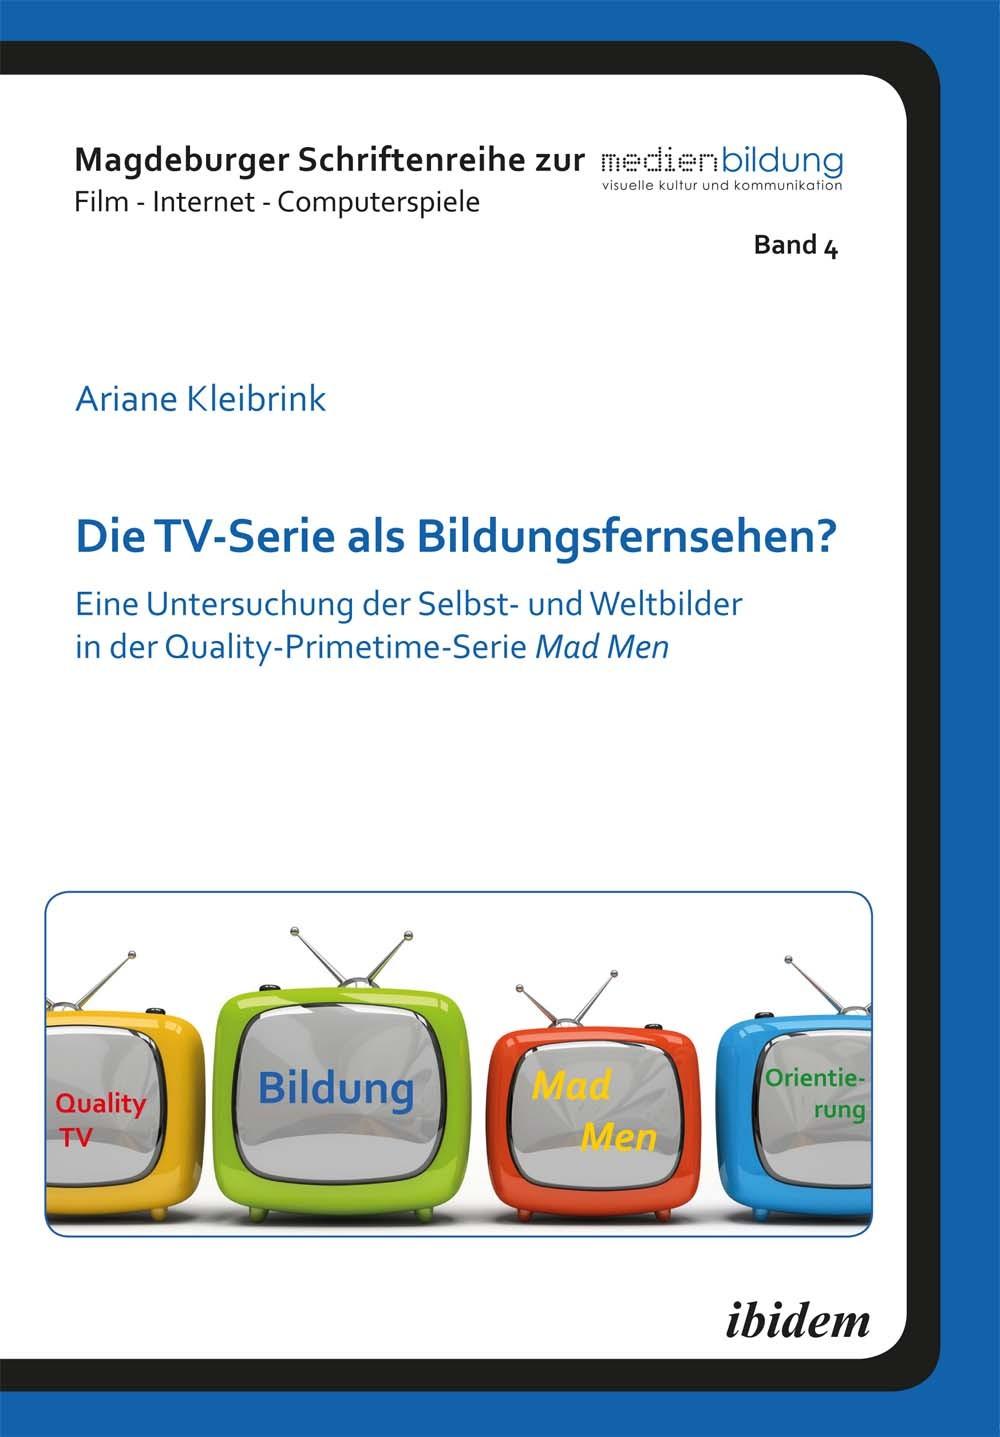 Die TV-Serie als Bildungsfernsehen?